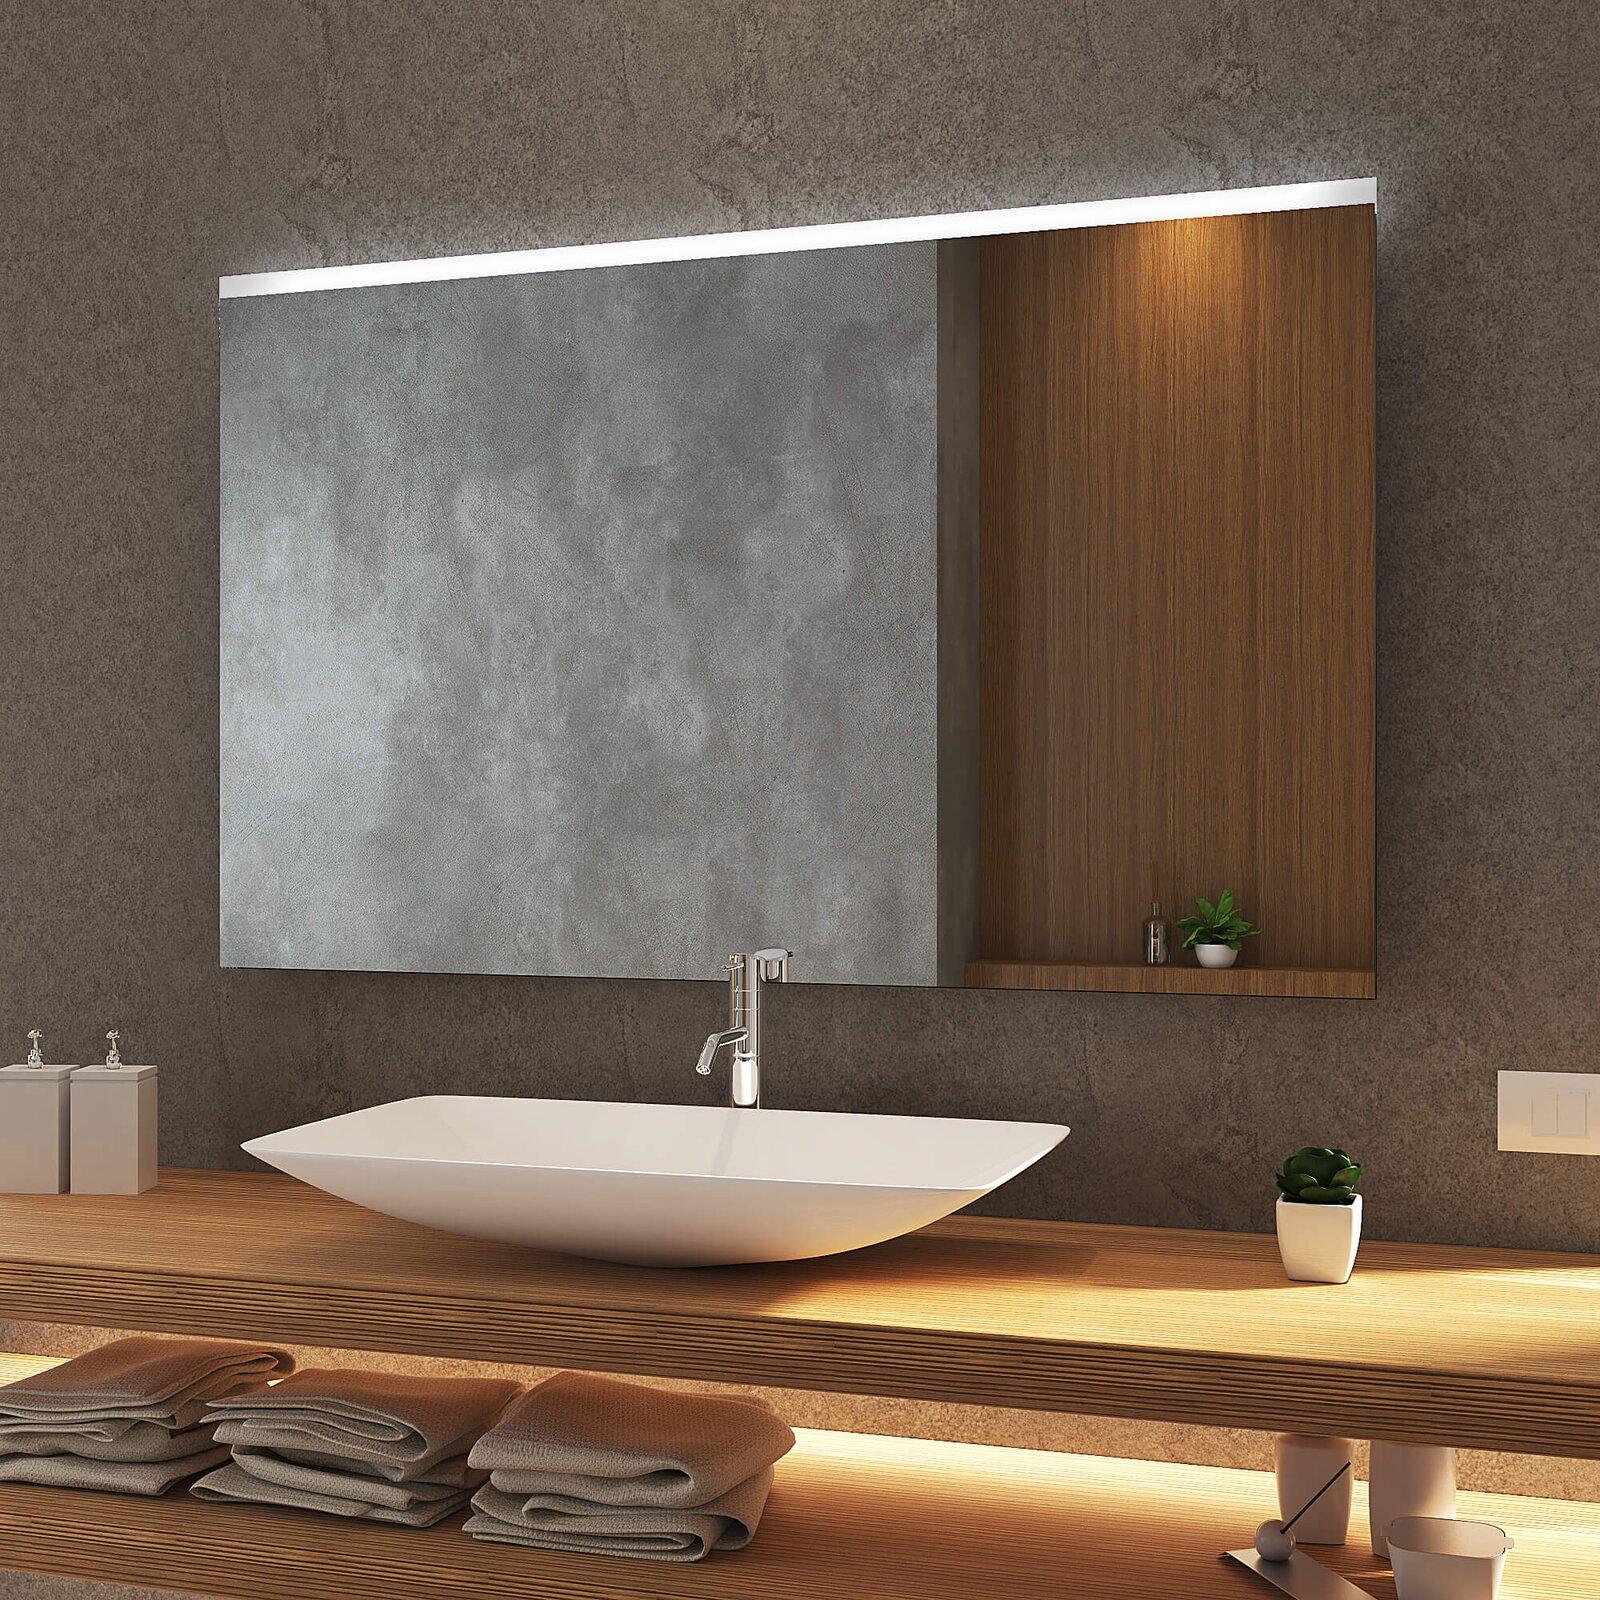 Badezimmerspiegel Mit Beleuchtung.Badspiegel Frankfurt Top Mit Licht Sofort Lieferbar